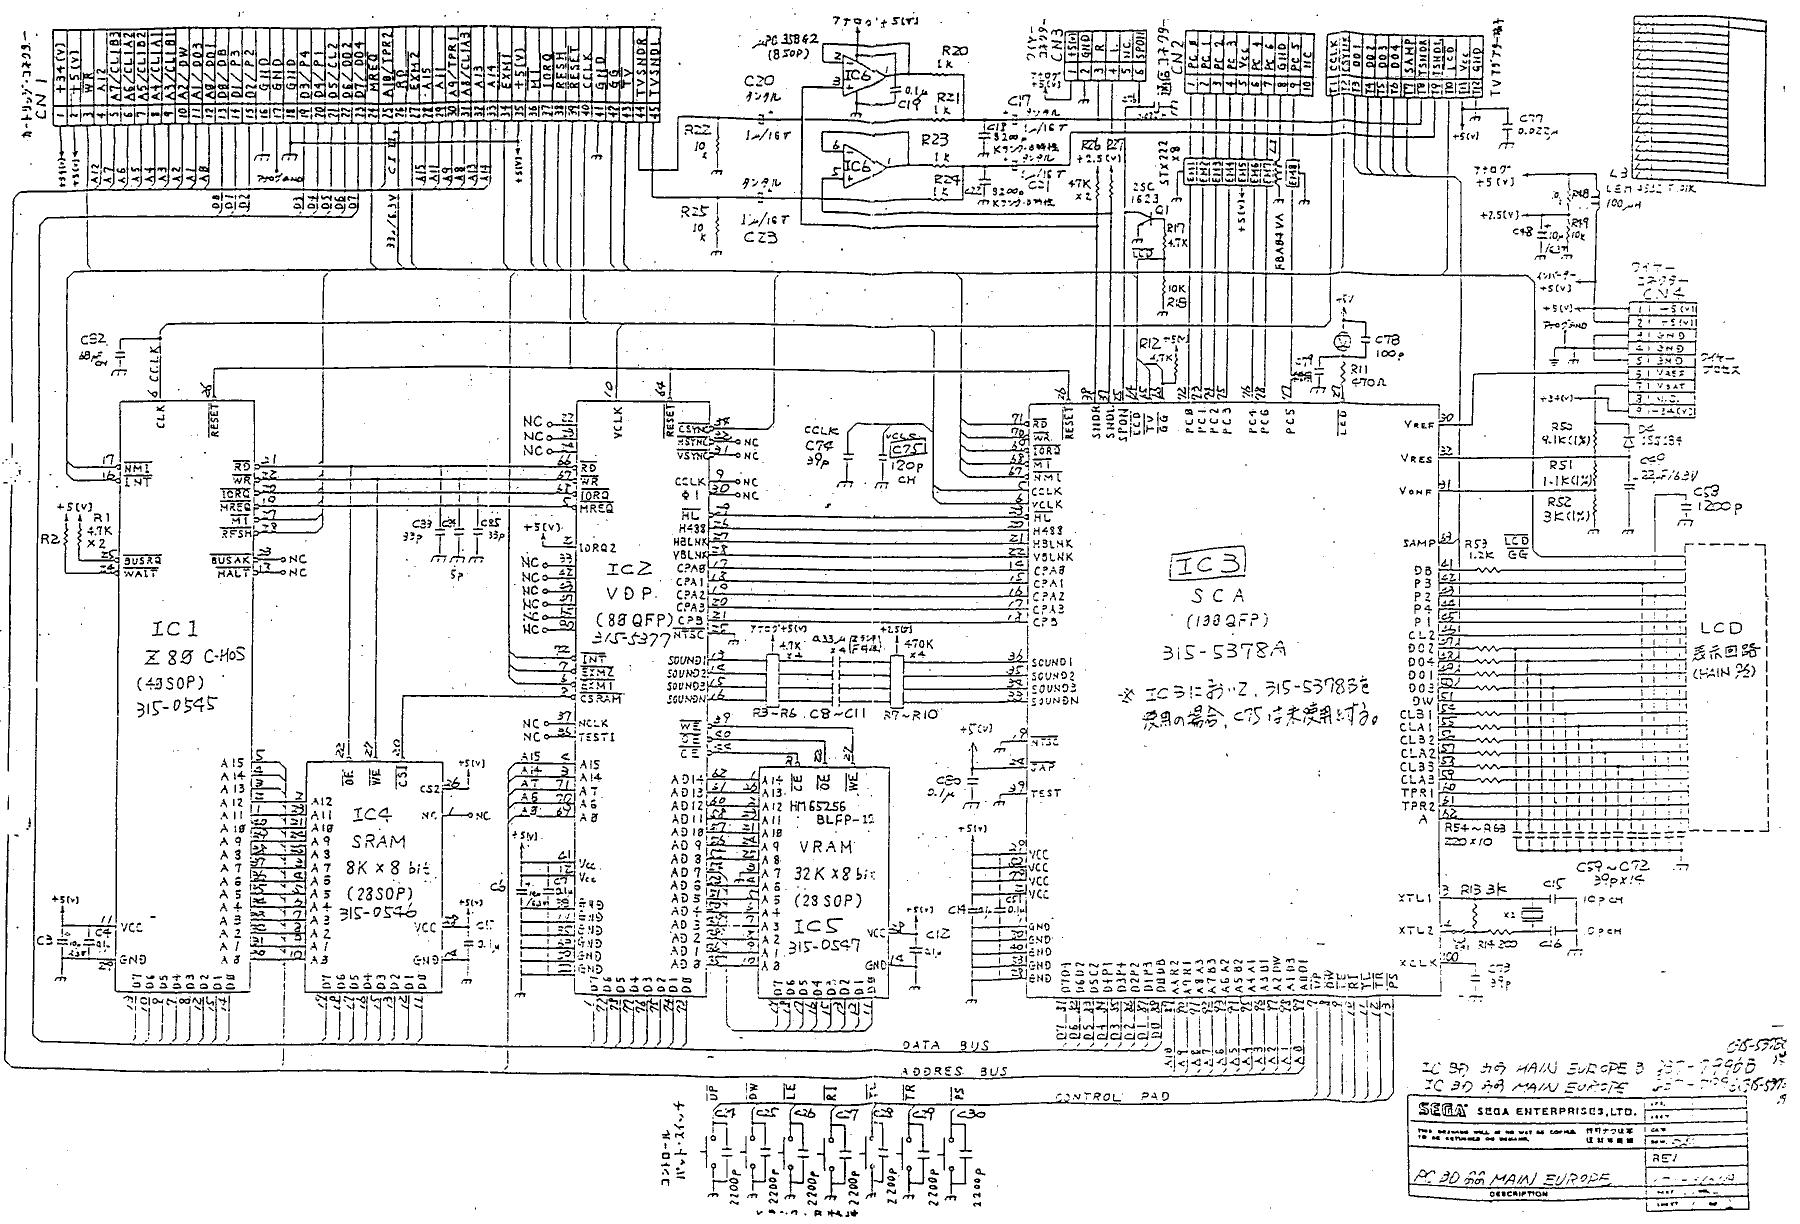 schematics:console_related_schematics [NFG Games + GameSX] on